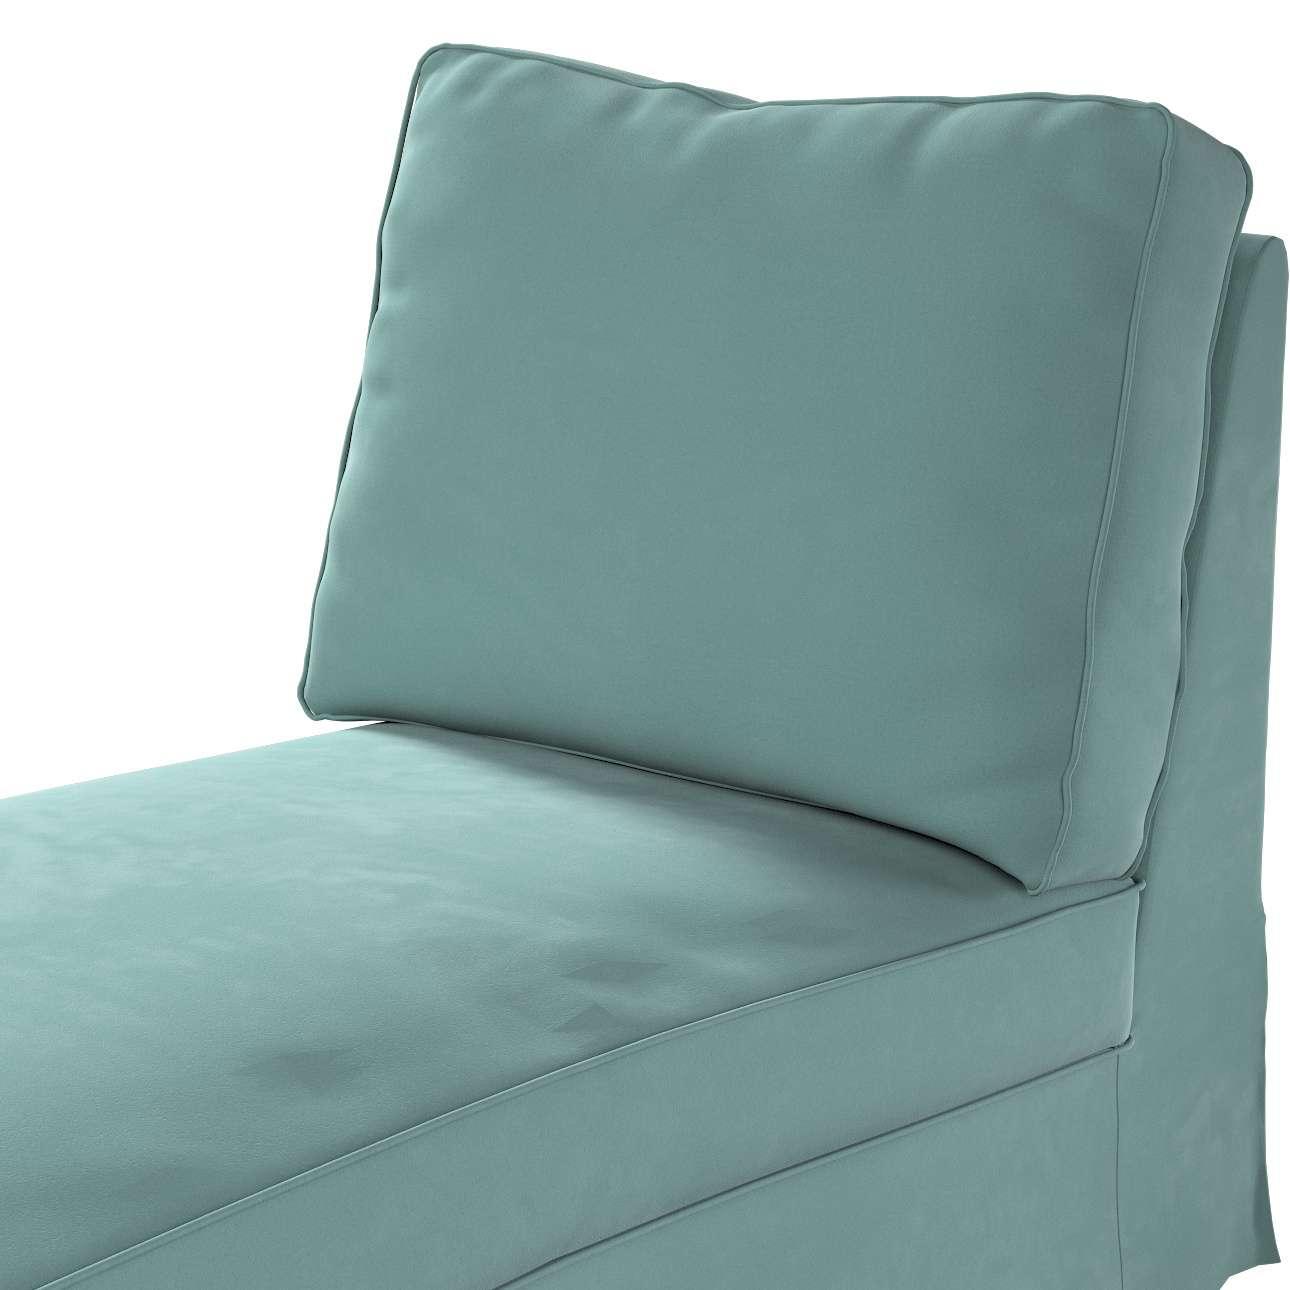 Pokrowiec na szezlong/ leżankę Ektorp wolnostojący prosty tył w kolekcji Velvet, tkanina: 704-18